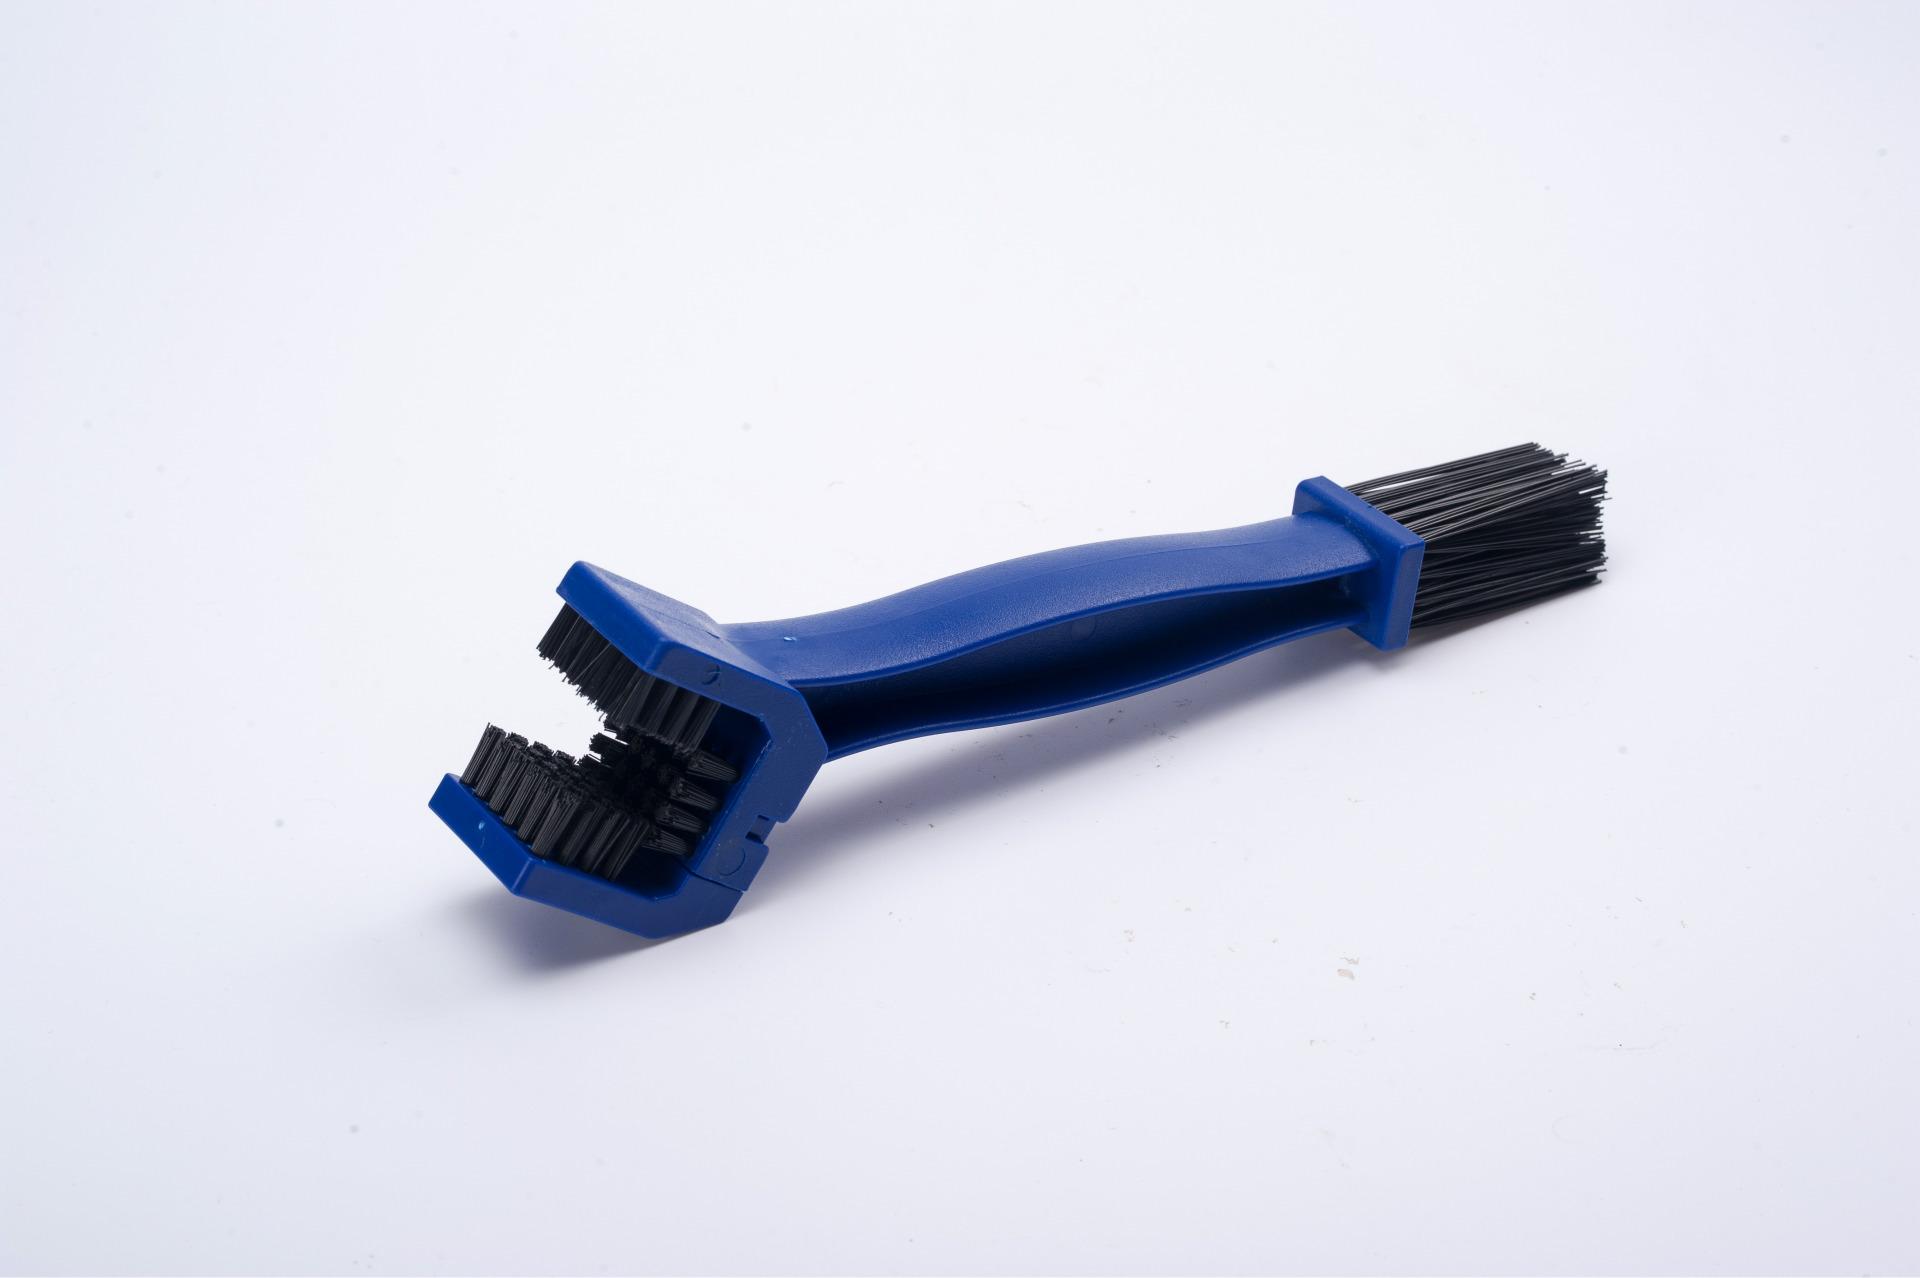 三面花灯清洁刷自行车链条刷链条清洁毛清洁盘刷牙毛刷天飞轮外壳18mm散热器图片